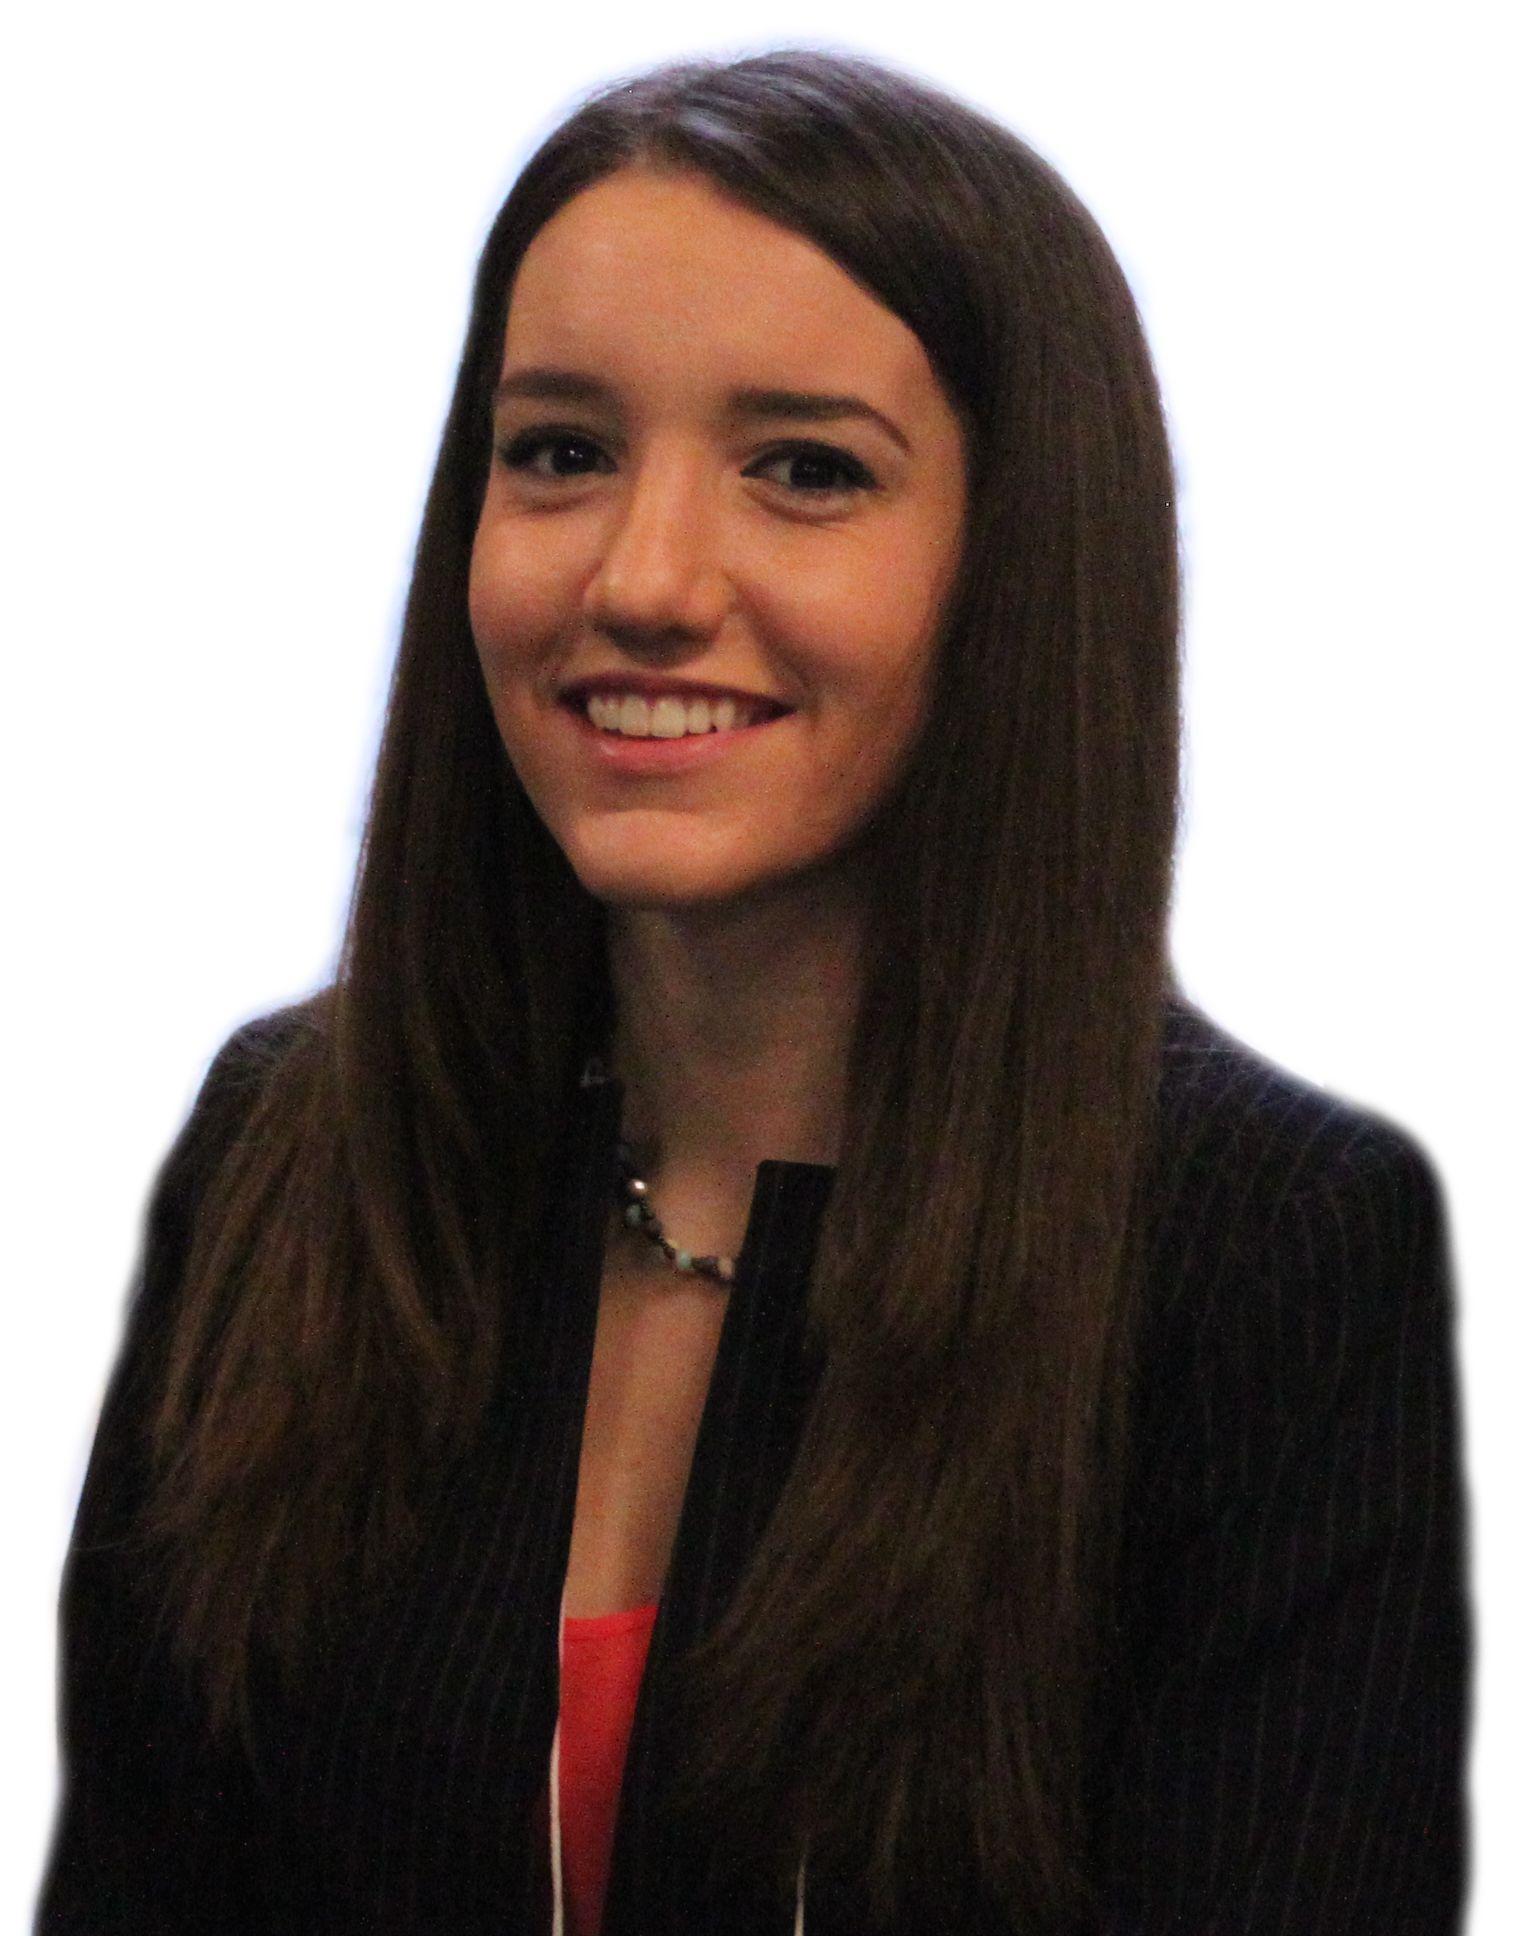 Amber Cintosun